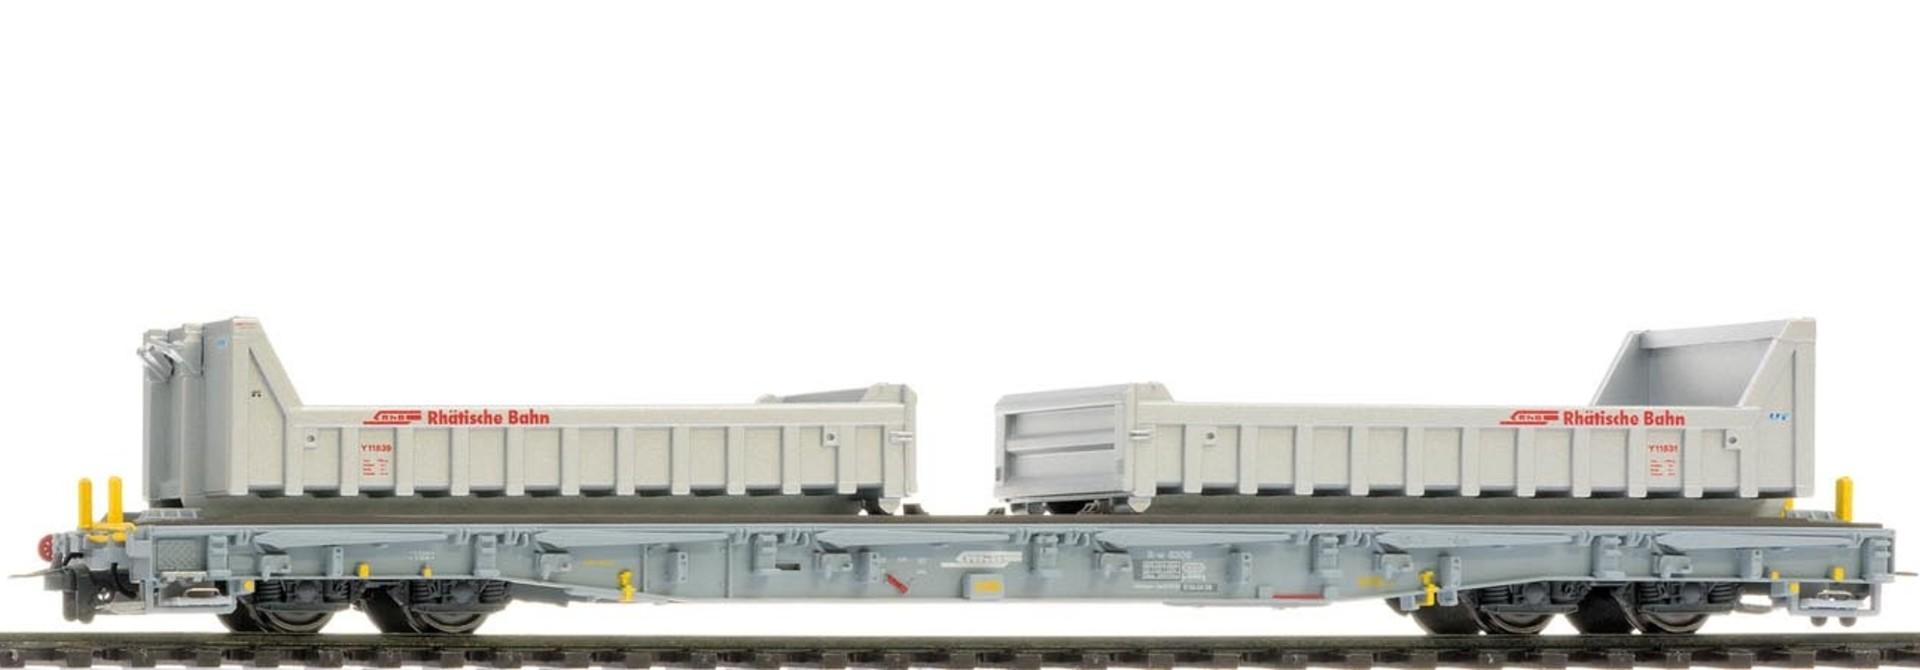 2291119 RhB R-w 8209 ACTS-Tragwagen mit Wuhrsteinmulden